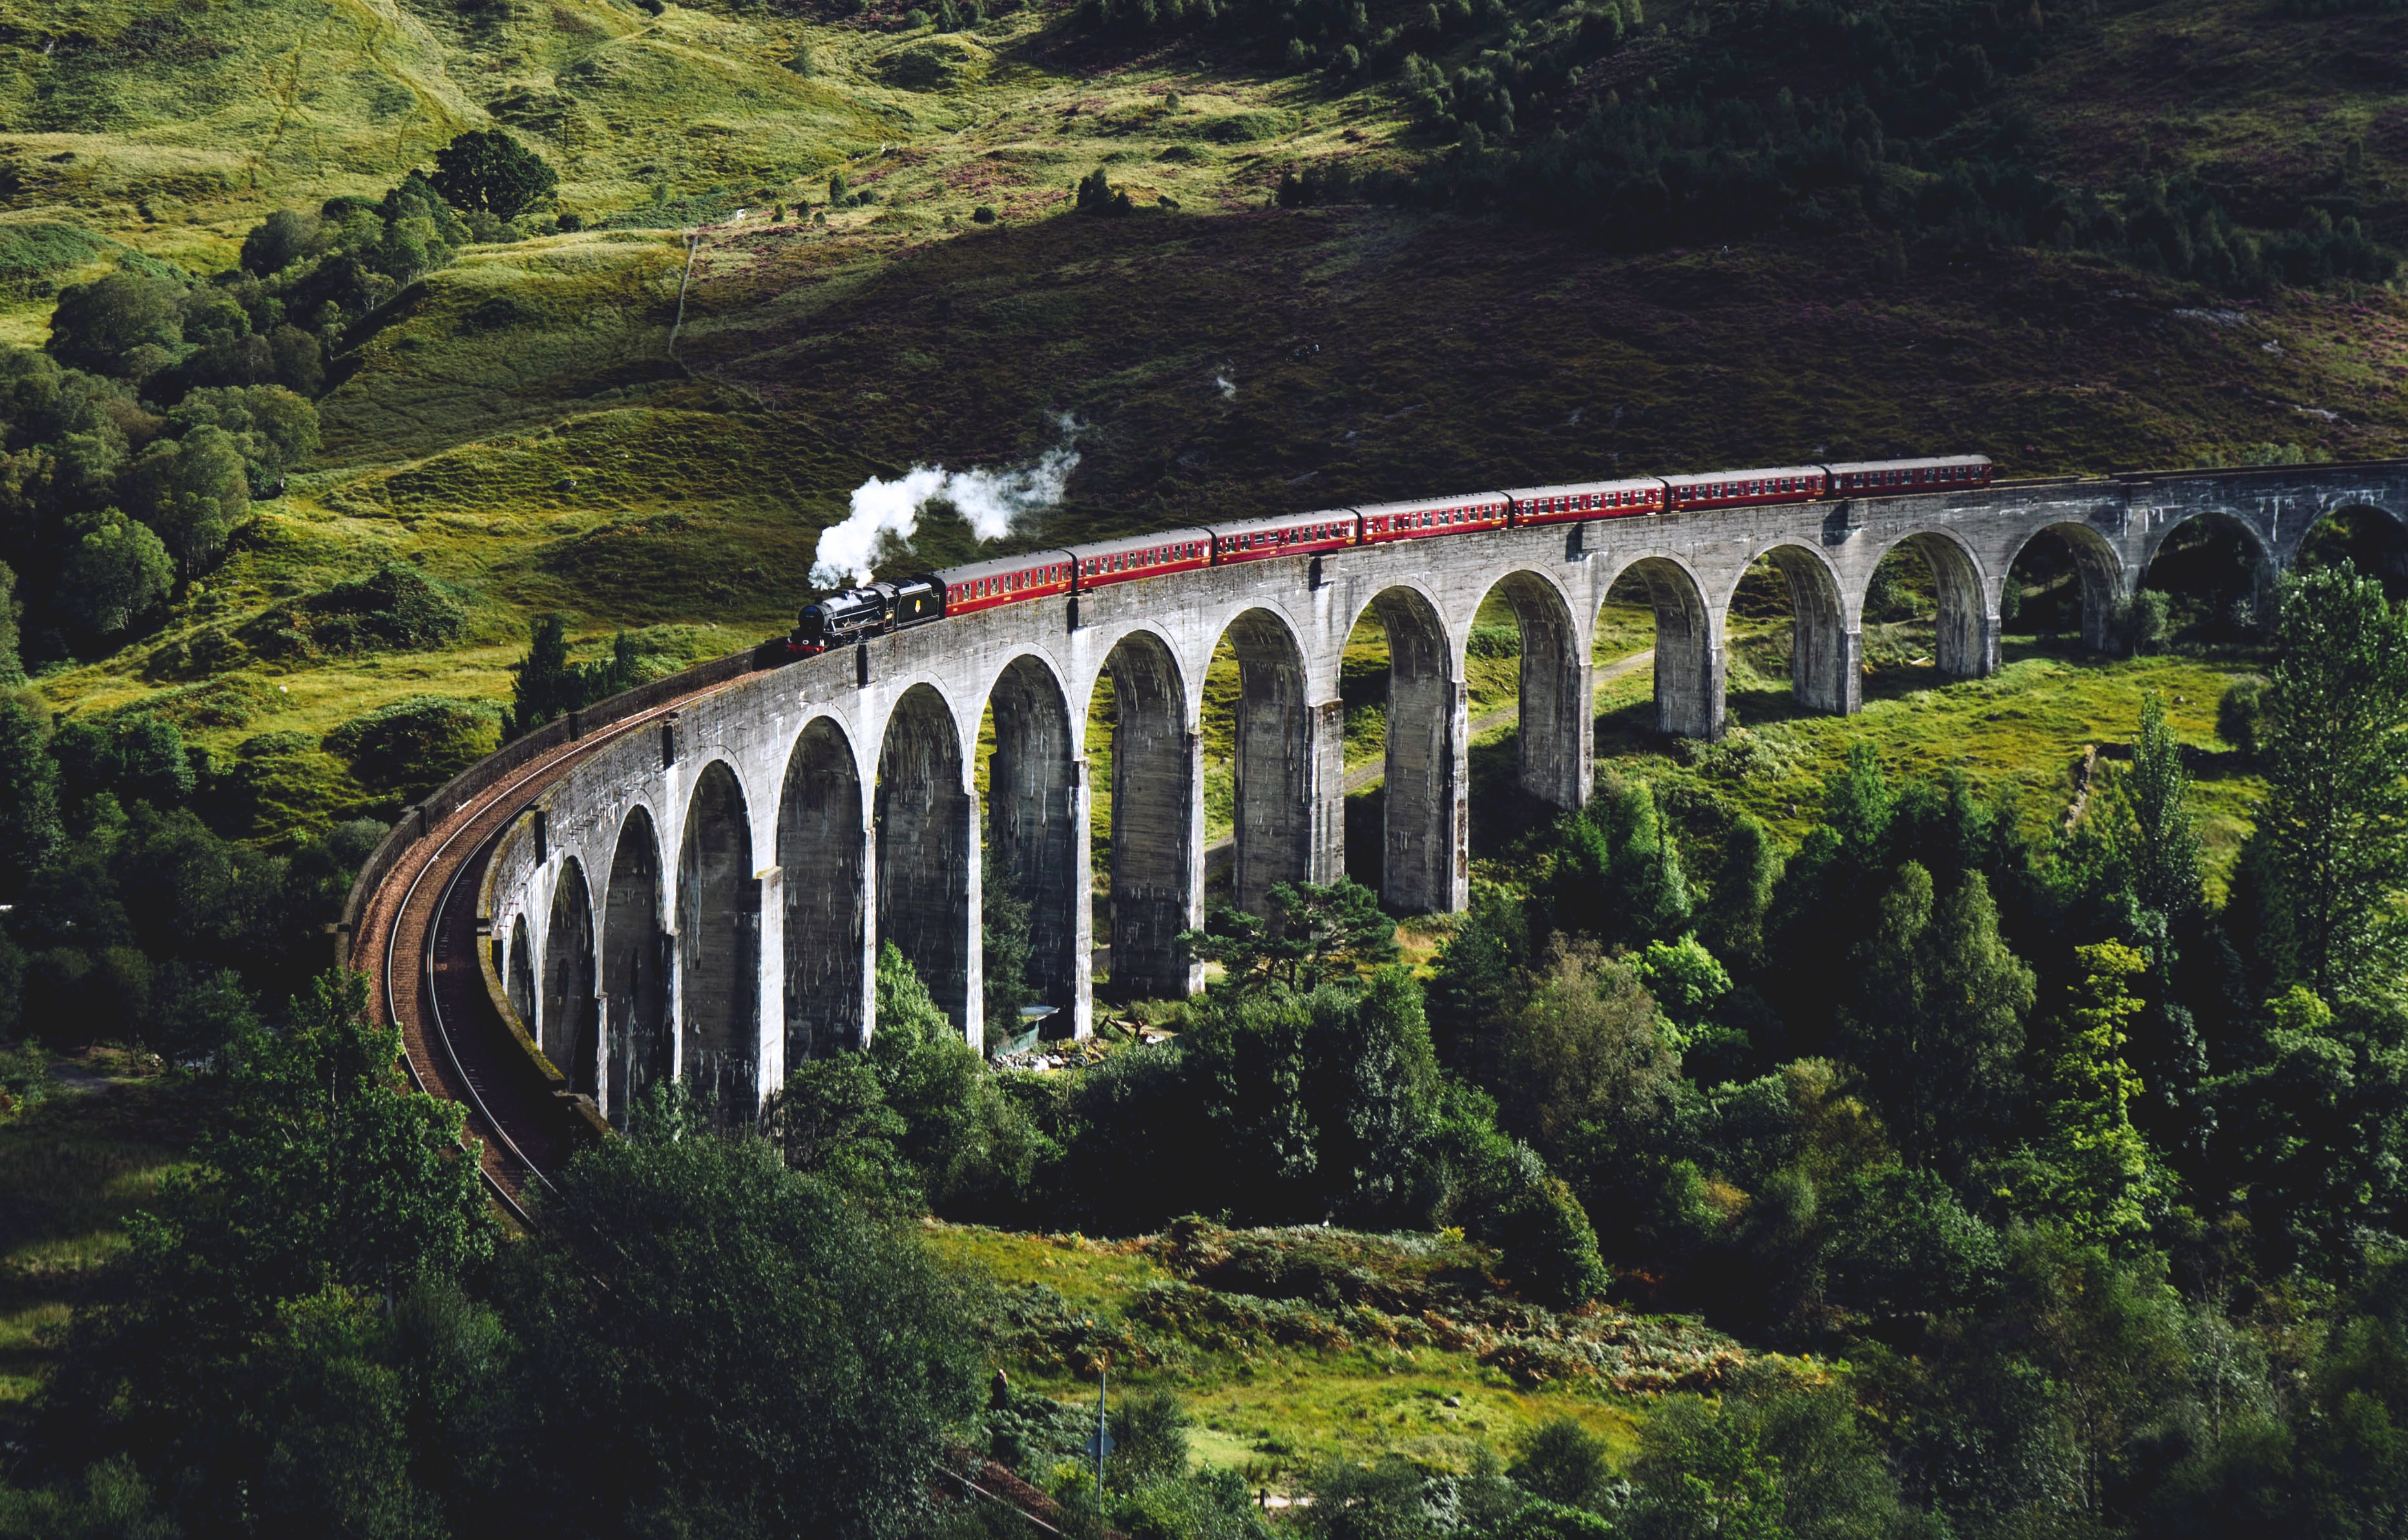 Train-Crossing-Glenfinnan-Viaduct.jpg?1573031343